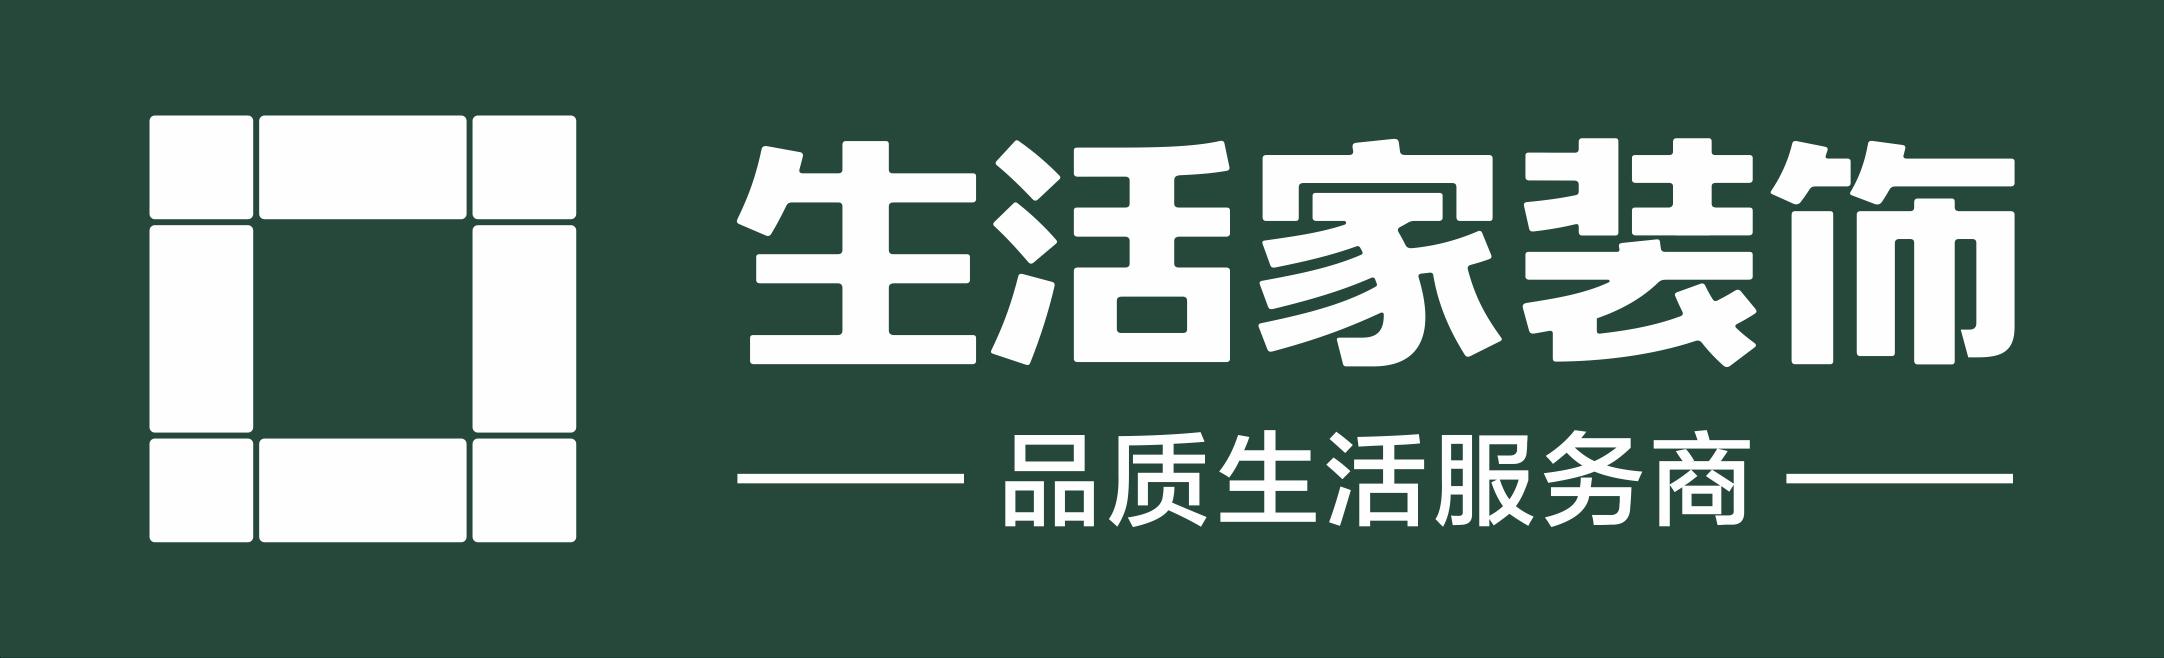 生活家家居装饰天津店